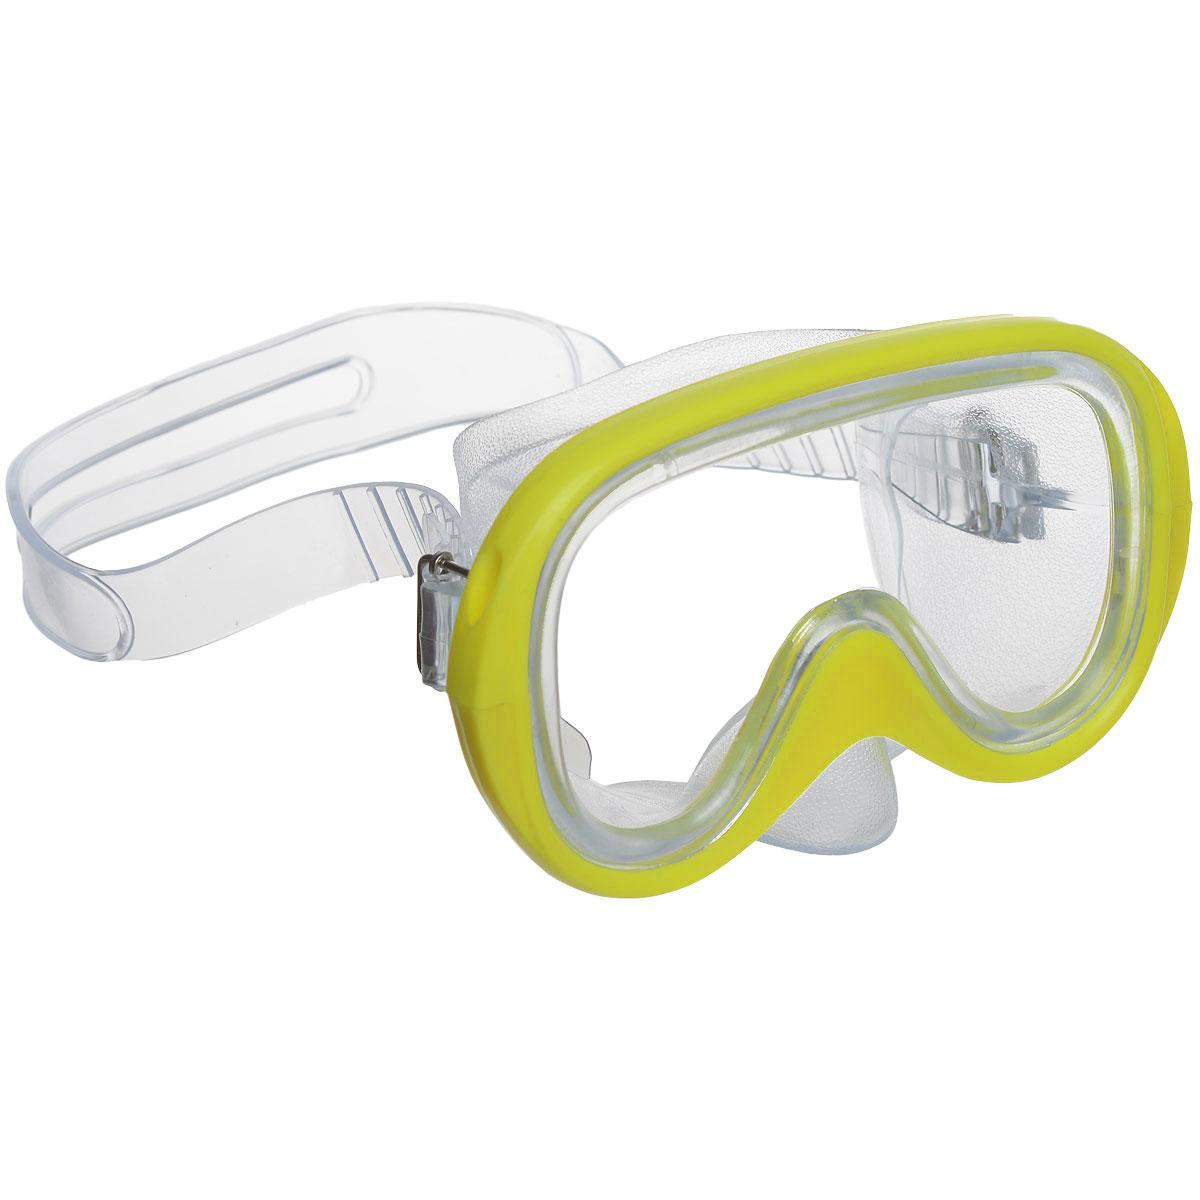 """Стильная маска Fashy """"Menorca"""" отлично подойдет для подводного плавания. Она хорошо прилегает к лицу и обеспечивает превосходный обзор. Мягкий ремешок раздвоен в середине для более надежной фиксации маски на голове и регулируется с обеих сторон."""